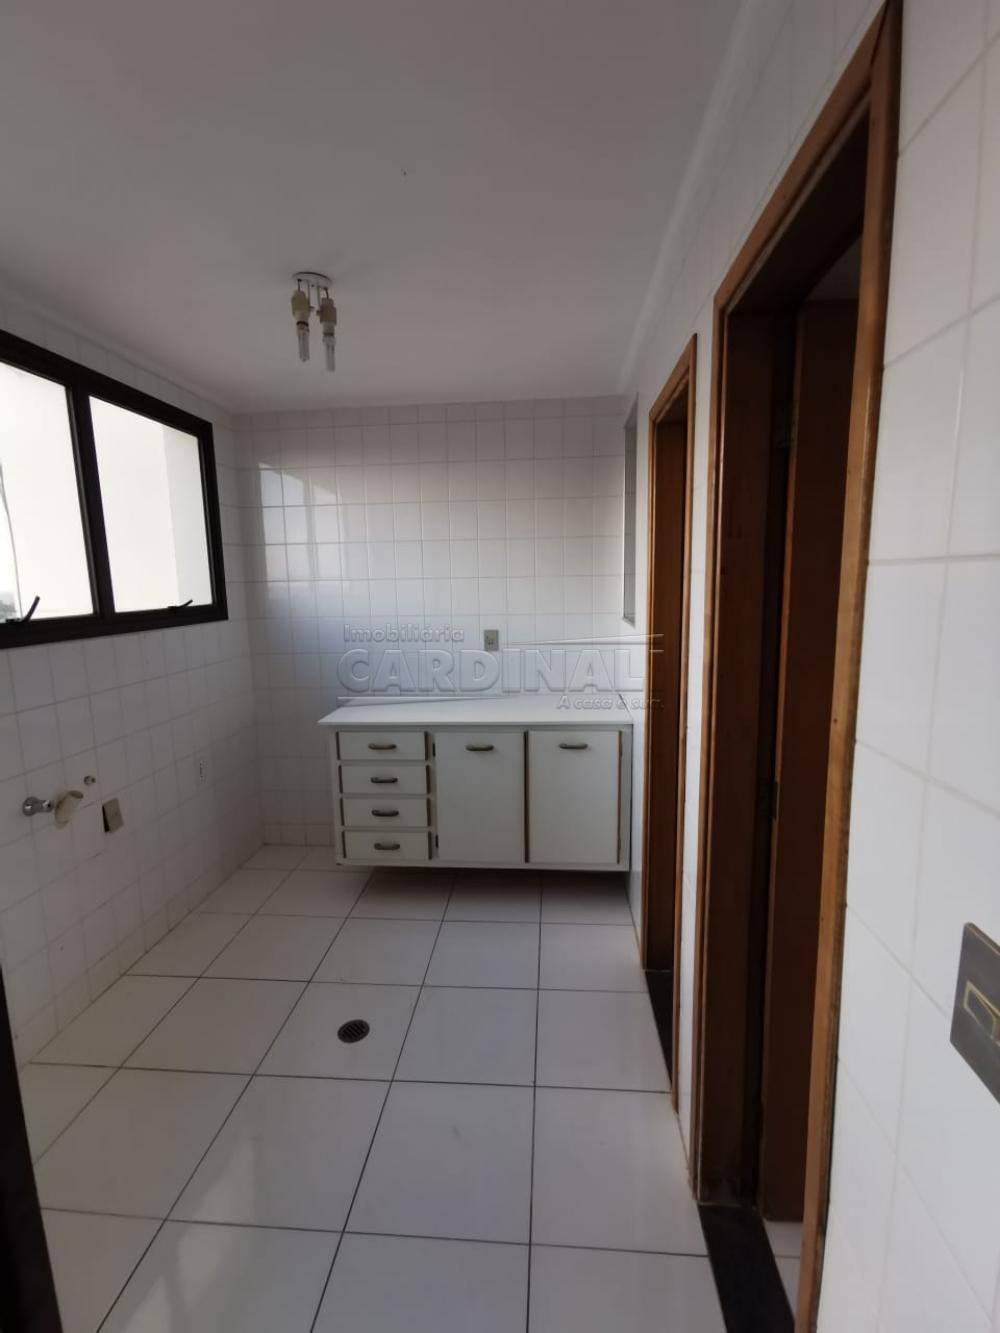 Alugar Apartamento / Padrão em Araraquara R$ 1.500,00 - Foto 5